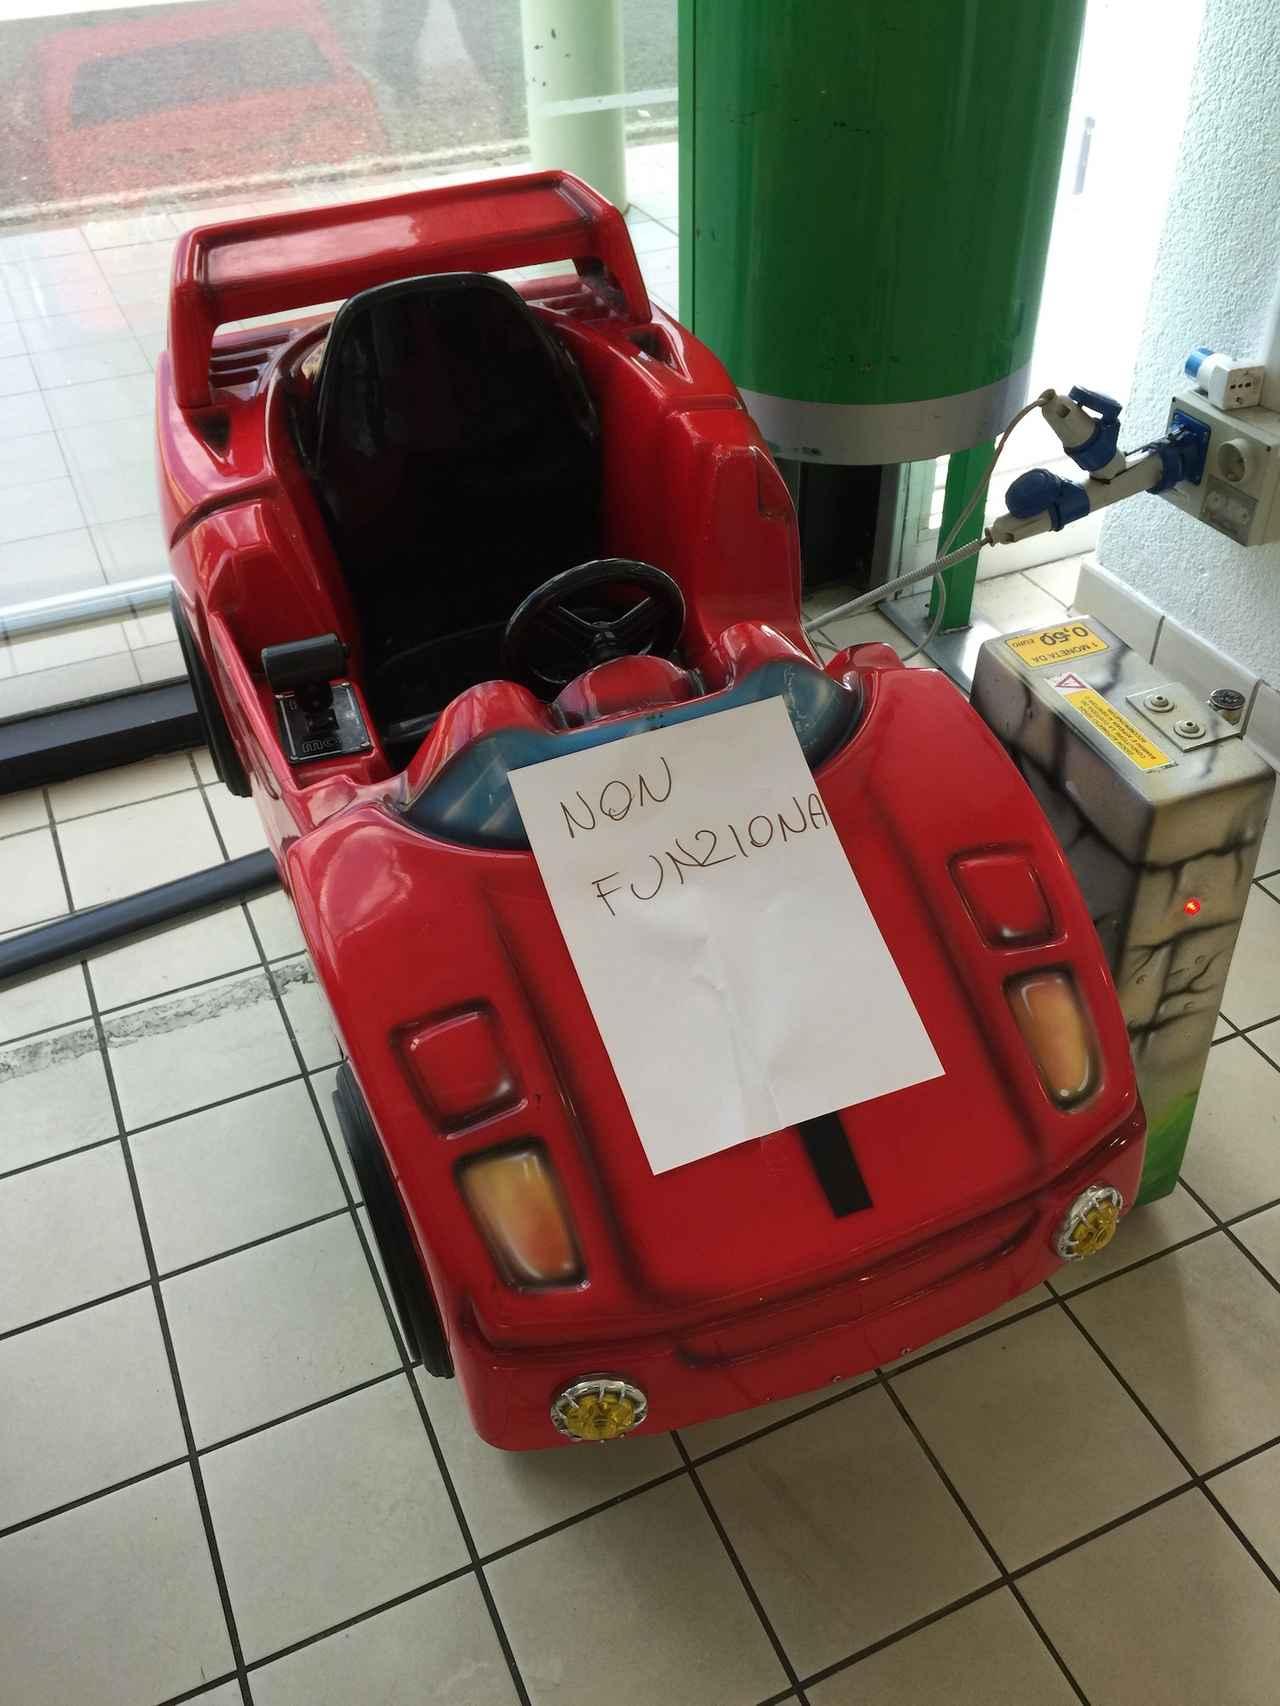 画像: フェラーリF40風。残念ながら「故障」の張り紙も、イタリアにおける社会勉強のひとつ?1回0.5ユーロ(約60円)の安心価格。シエナ県ポッジボンシにて。